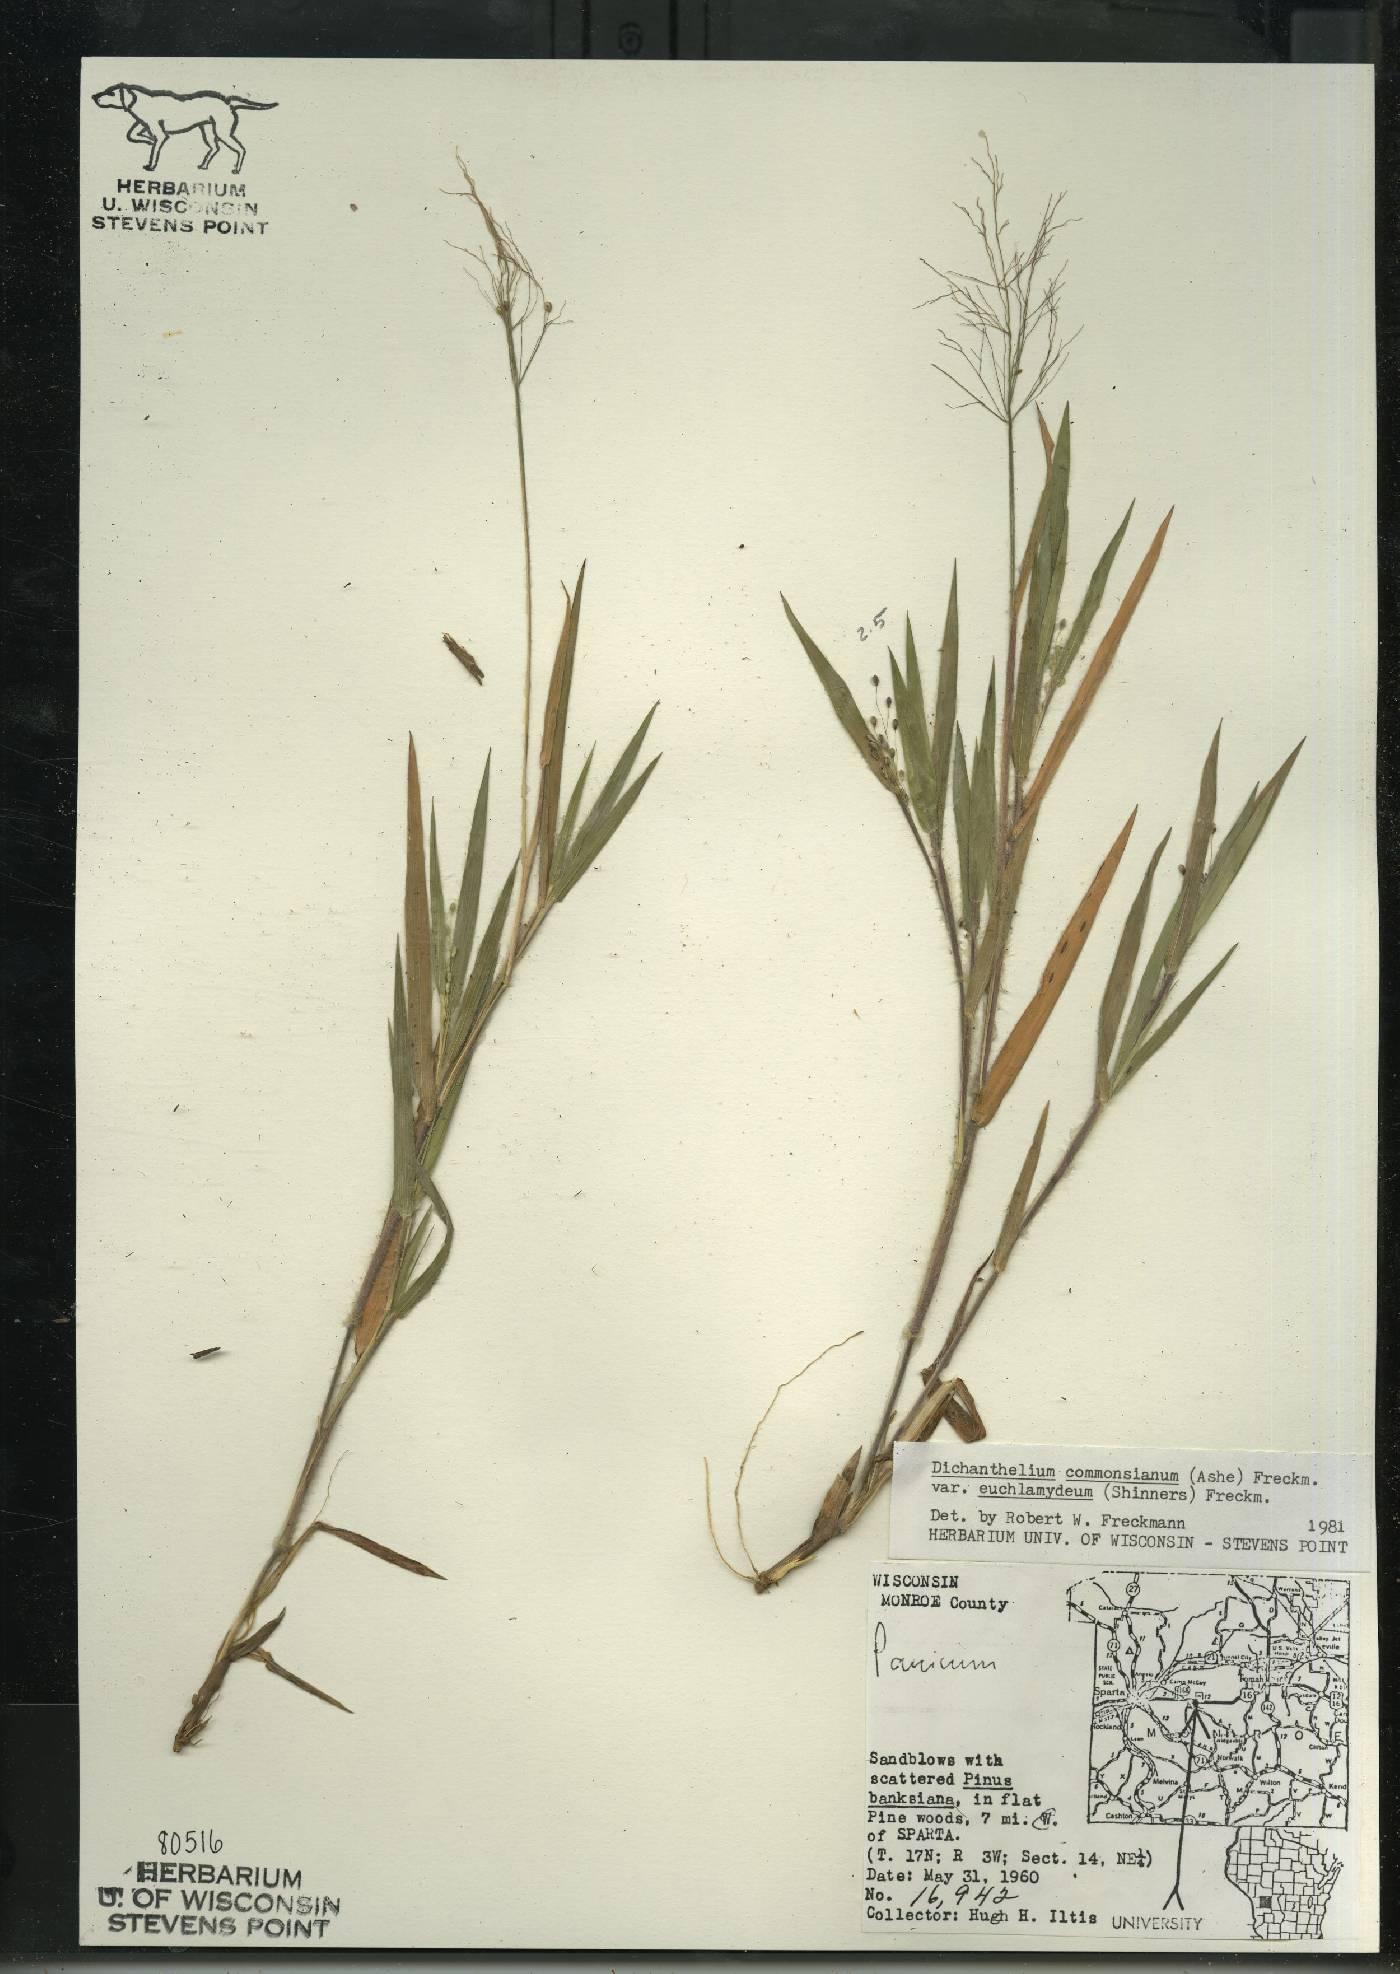 Dichanthelium commonsianum var. euchlamydeum image